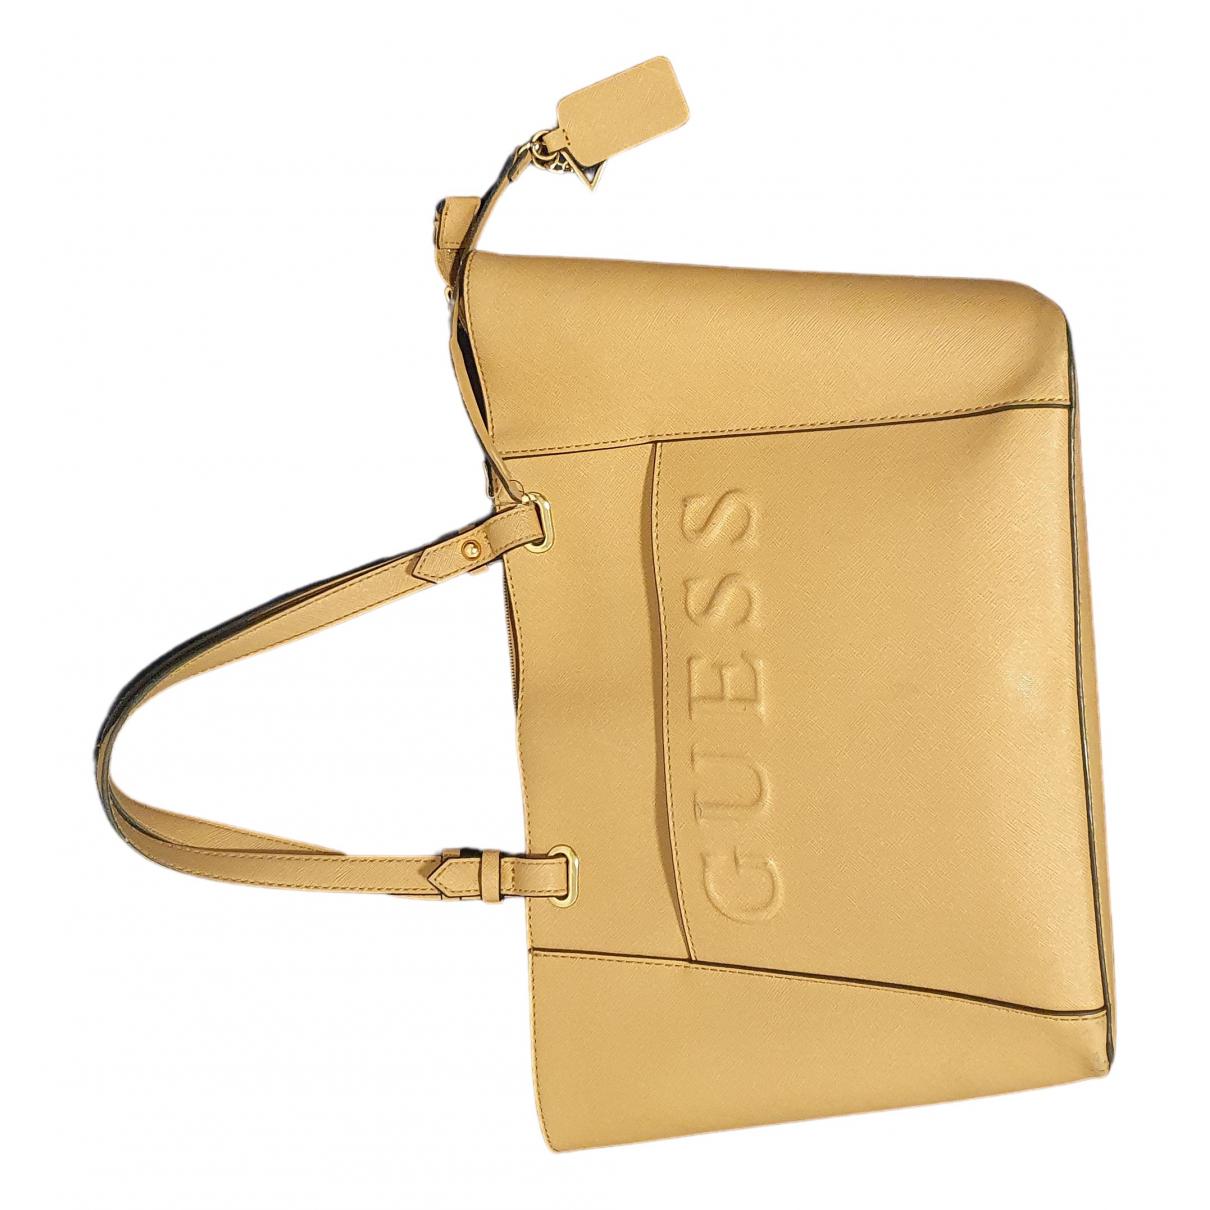 Guess \N Handtasche in  Beige Leder